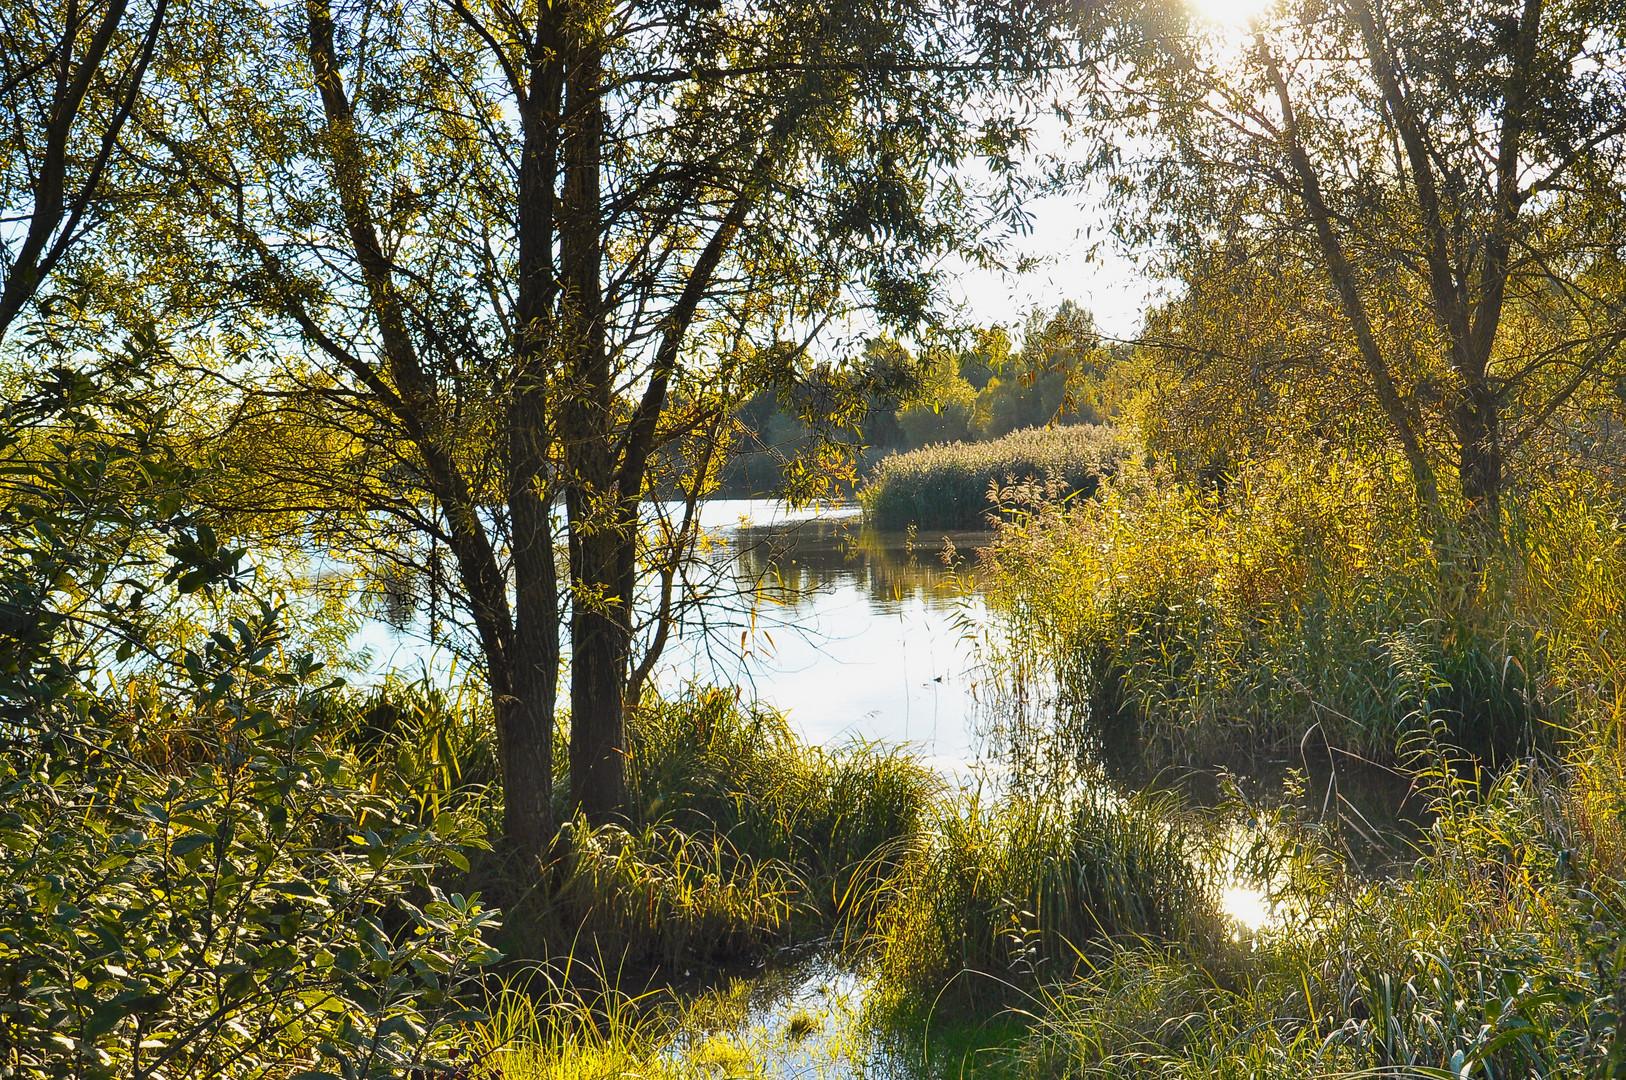 Herbstlicht am Teichufer